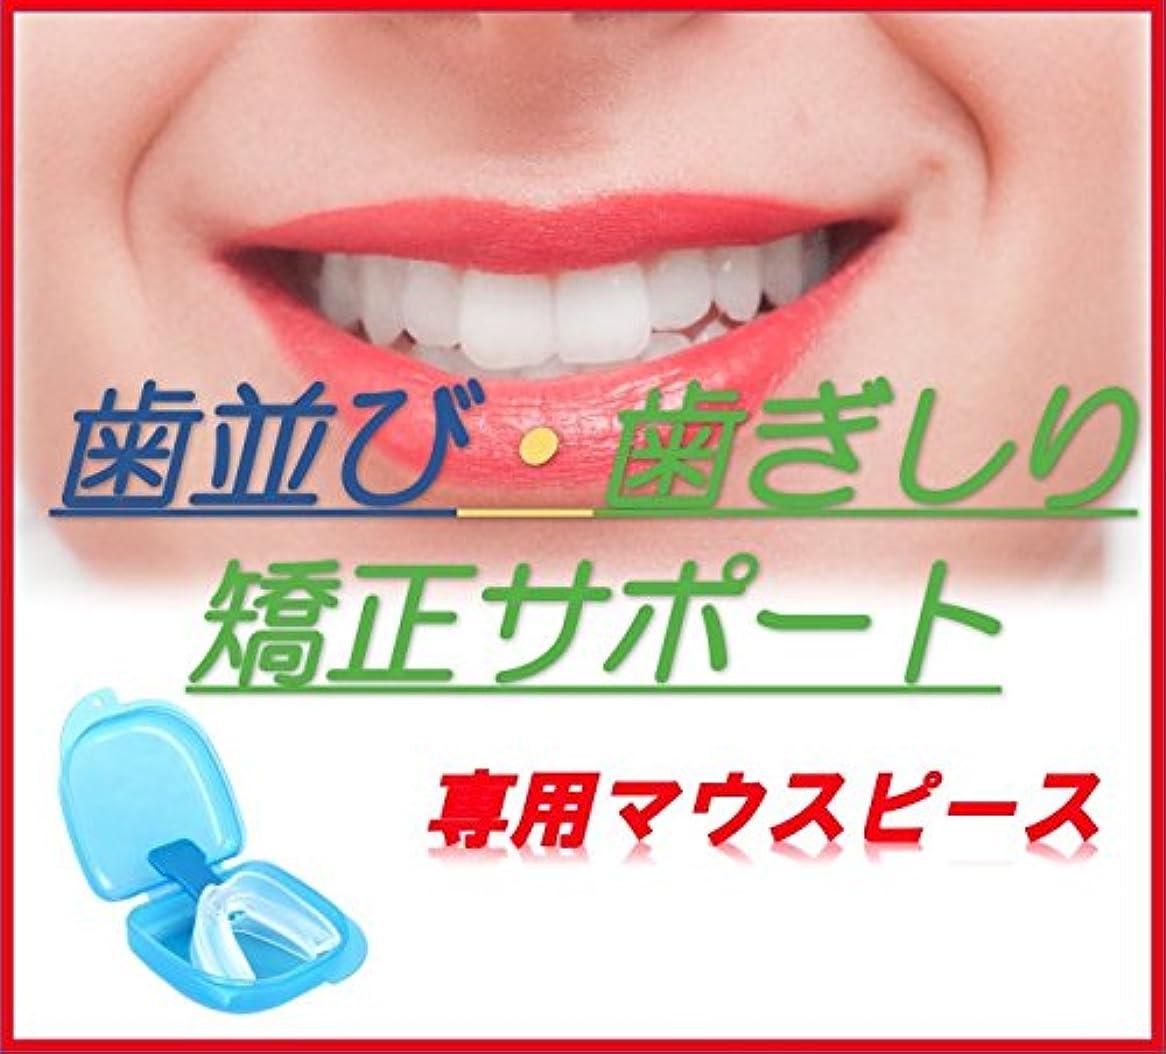 平野仮称王室[NET-O] 歯並び 歯ぎしり 矯正 サポート 専用マウスピース お得用セットあり (1set)